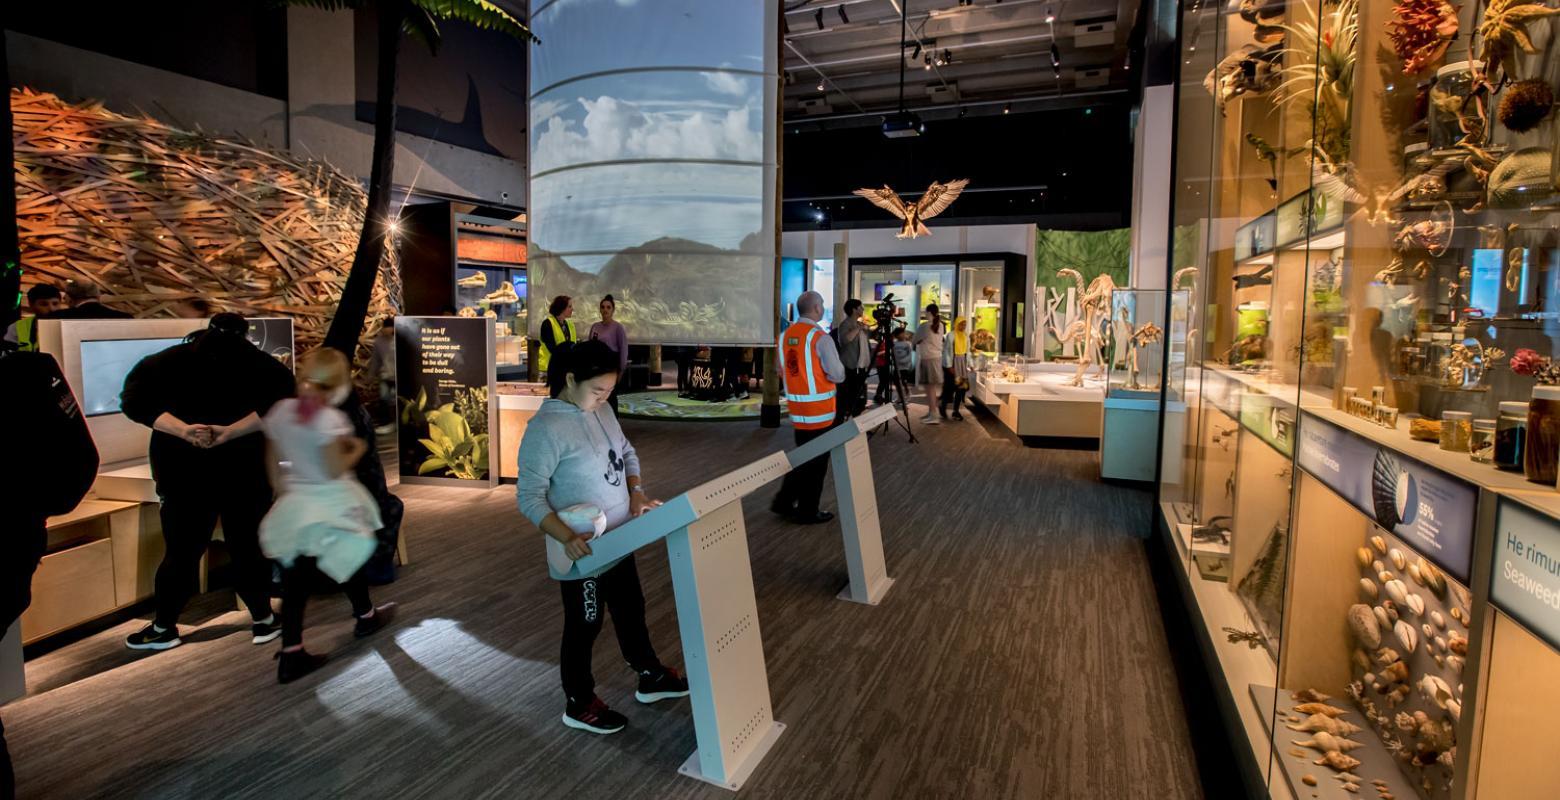 Inside the Unique NZ exhibition